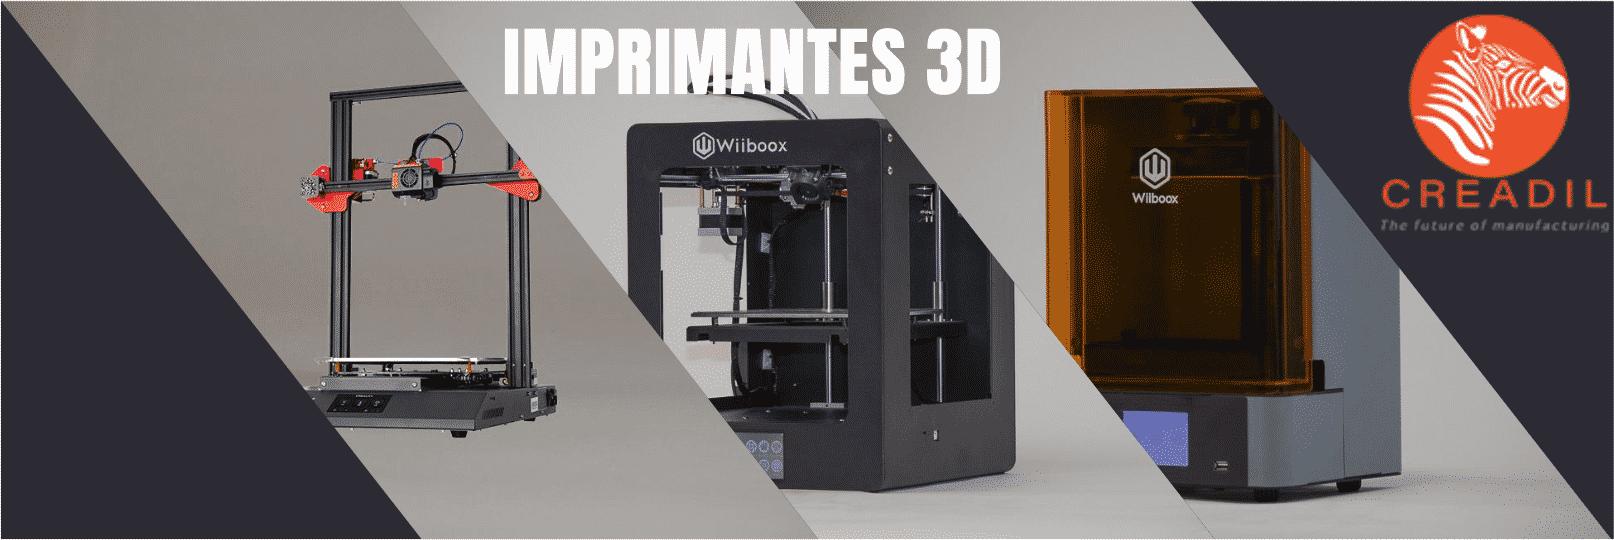 imprimantes 3d vente en ligne